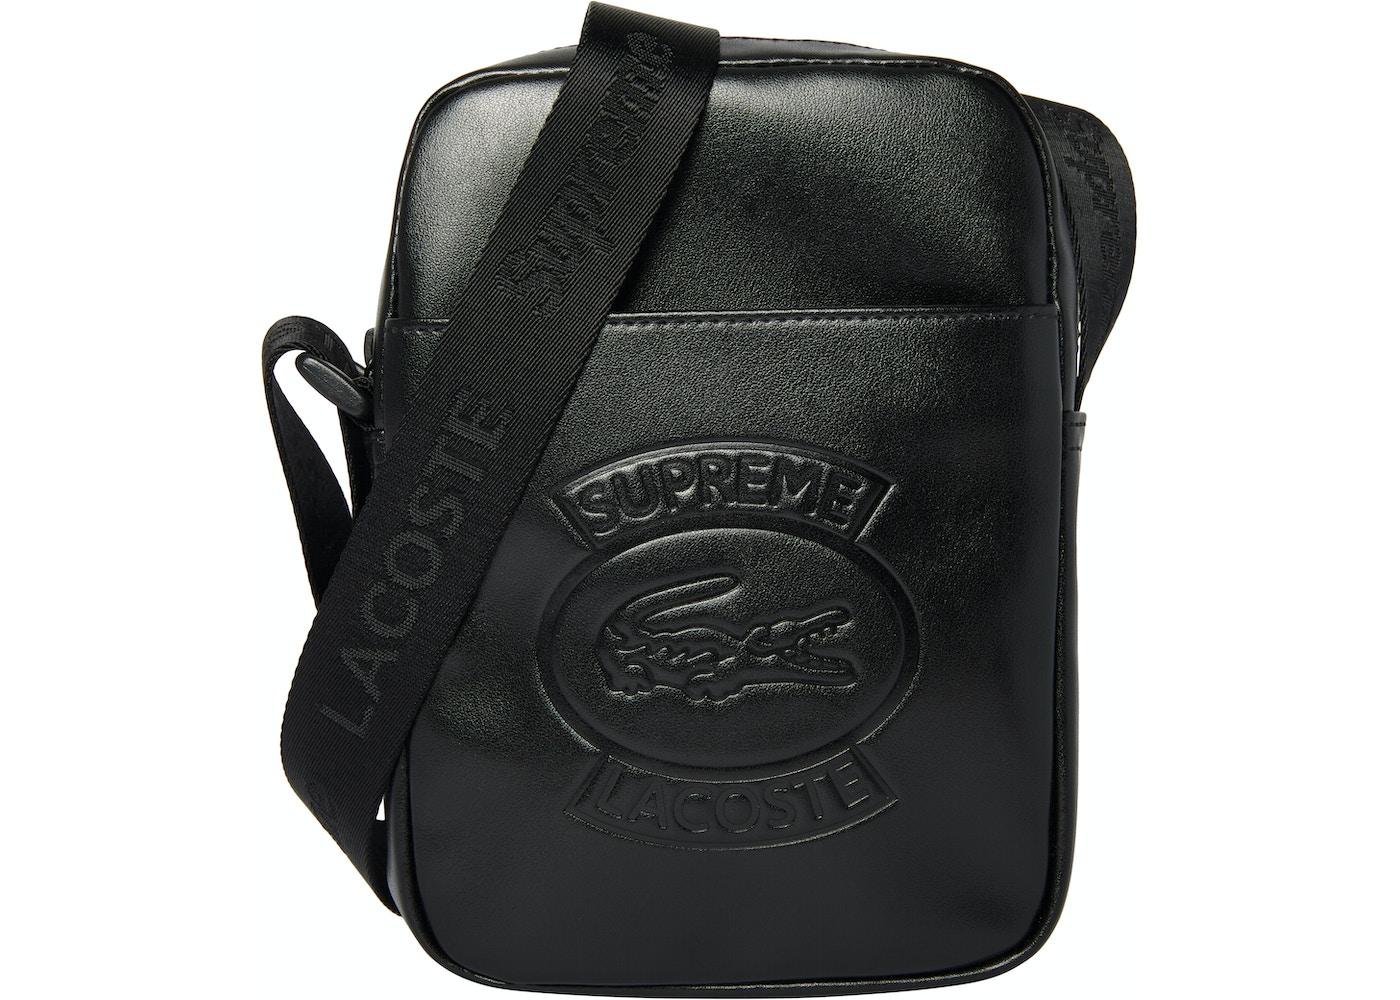 quality design 2baef 12d68 Supreme LACOSTE Shoulder Bag Black